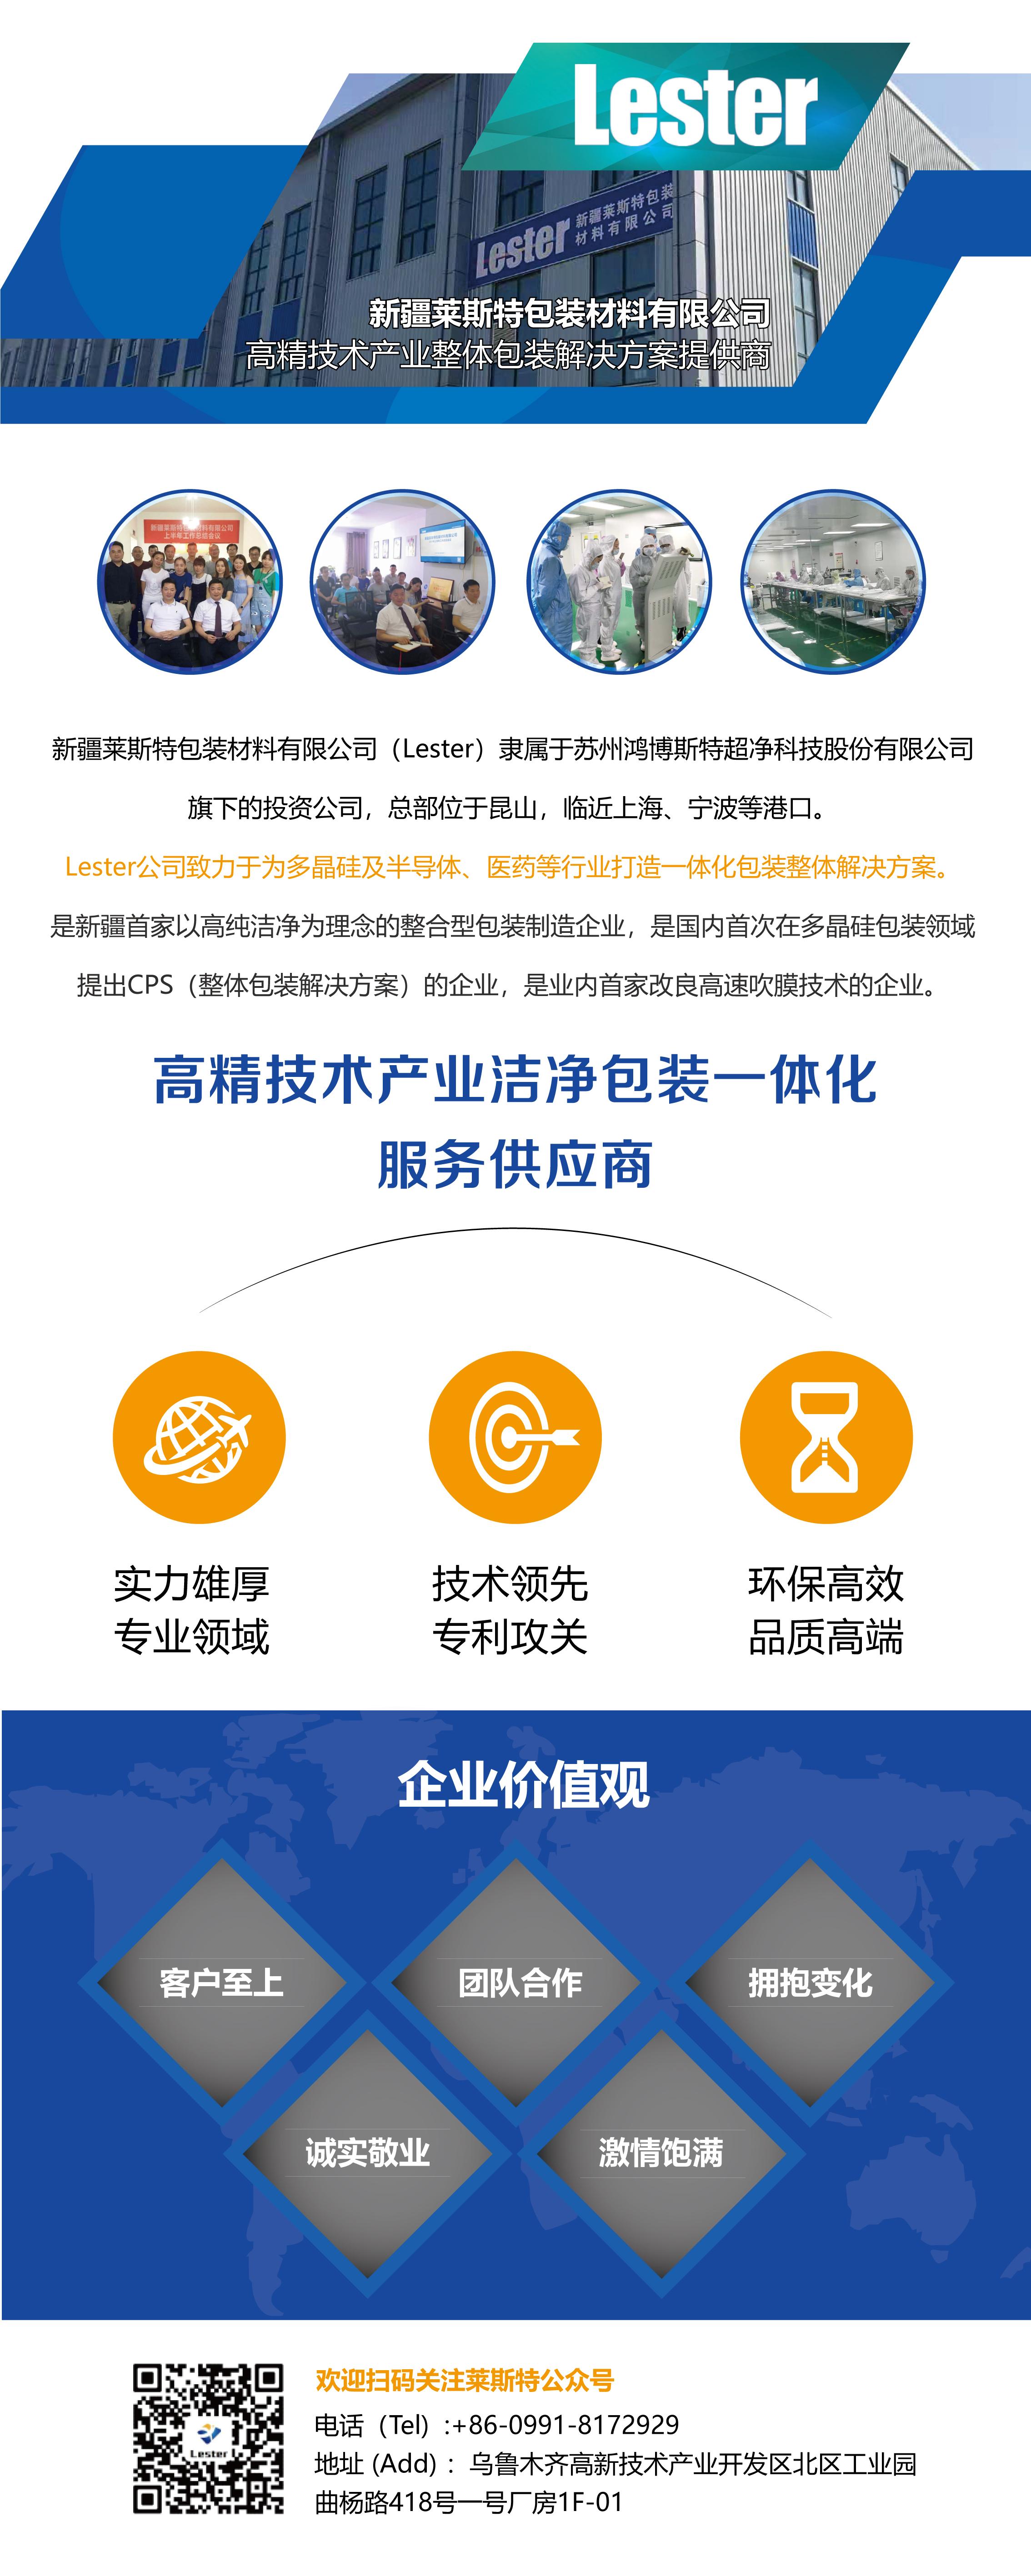 新疆莱斯特包装材料有限公司(图1)